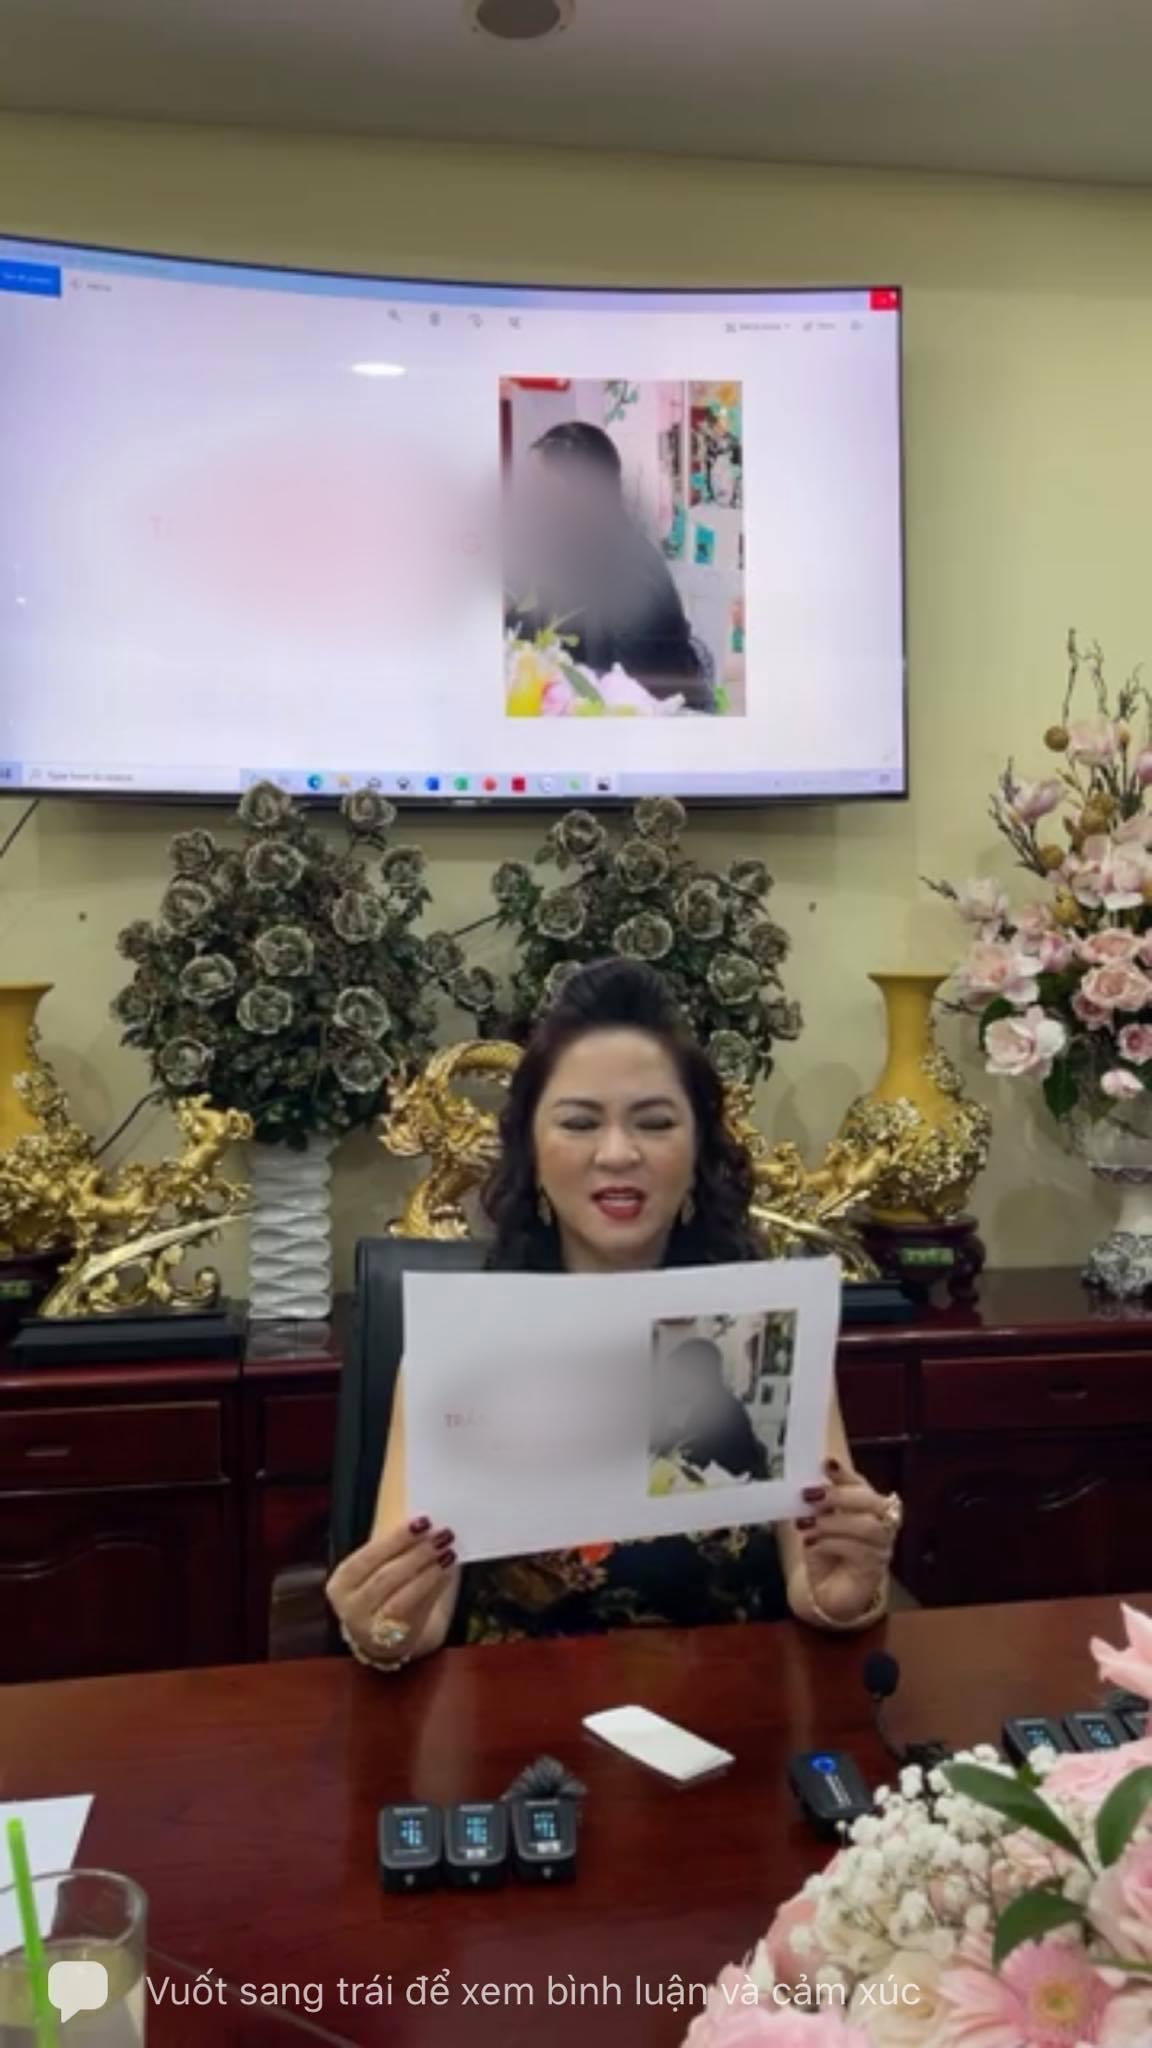 Bà Phương Hằng - vợ ông Dũng lò vôi gửi lời nhắn đến 8 người vợ của ông Yên, tiết lộ tin nhắn bày tỏ tình cảm của ông Yên dành cho mình! - Hình 5